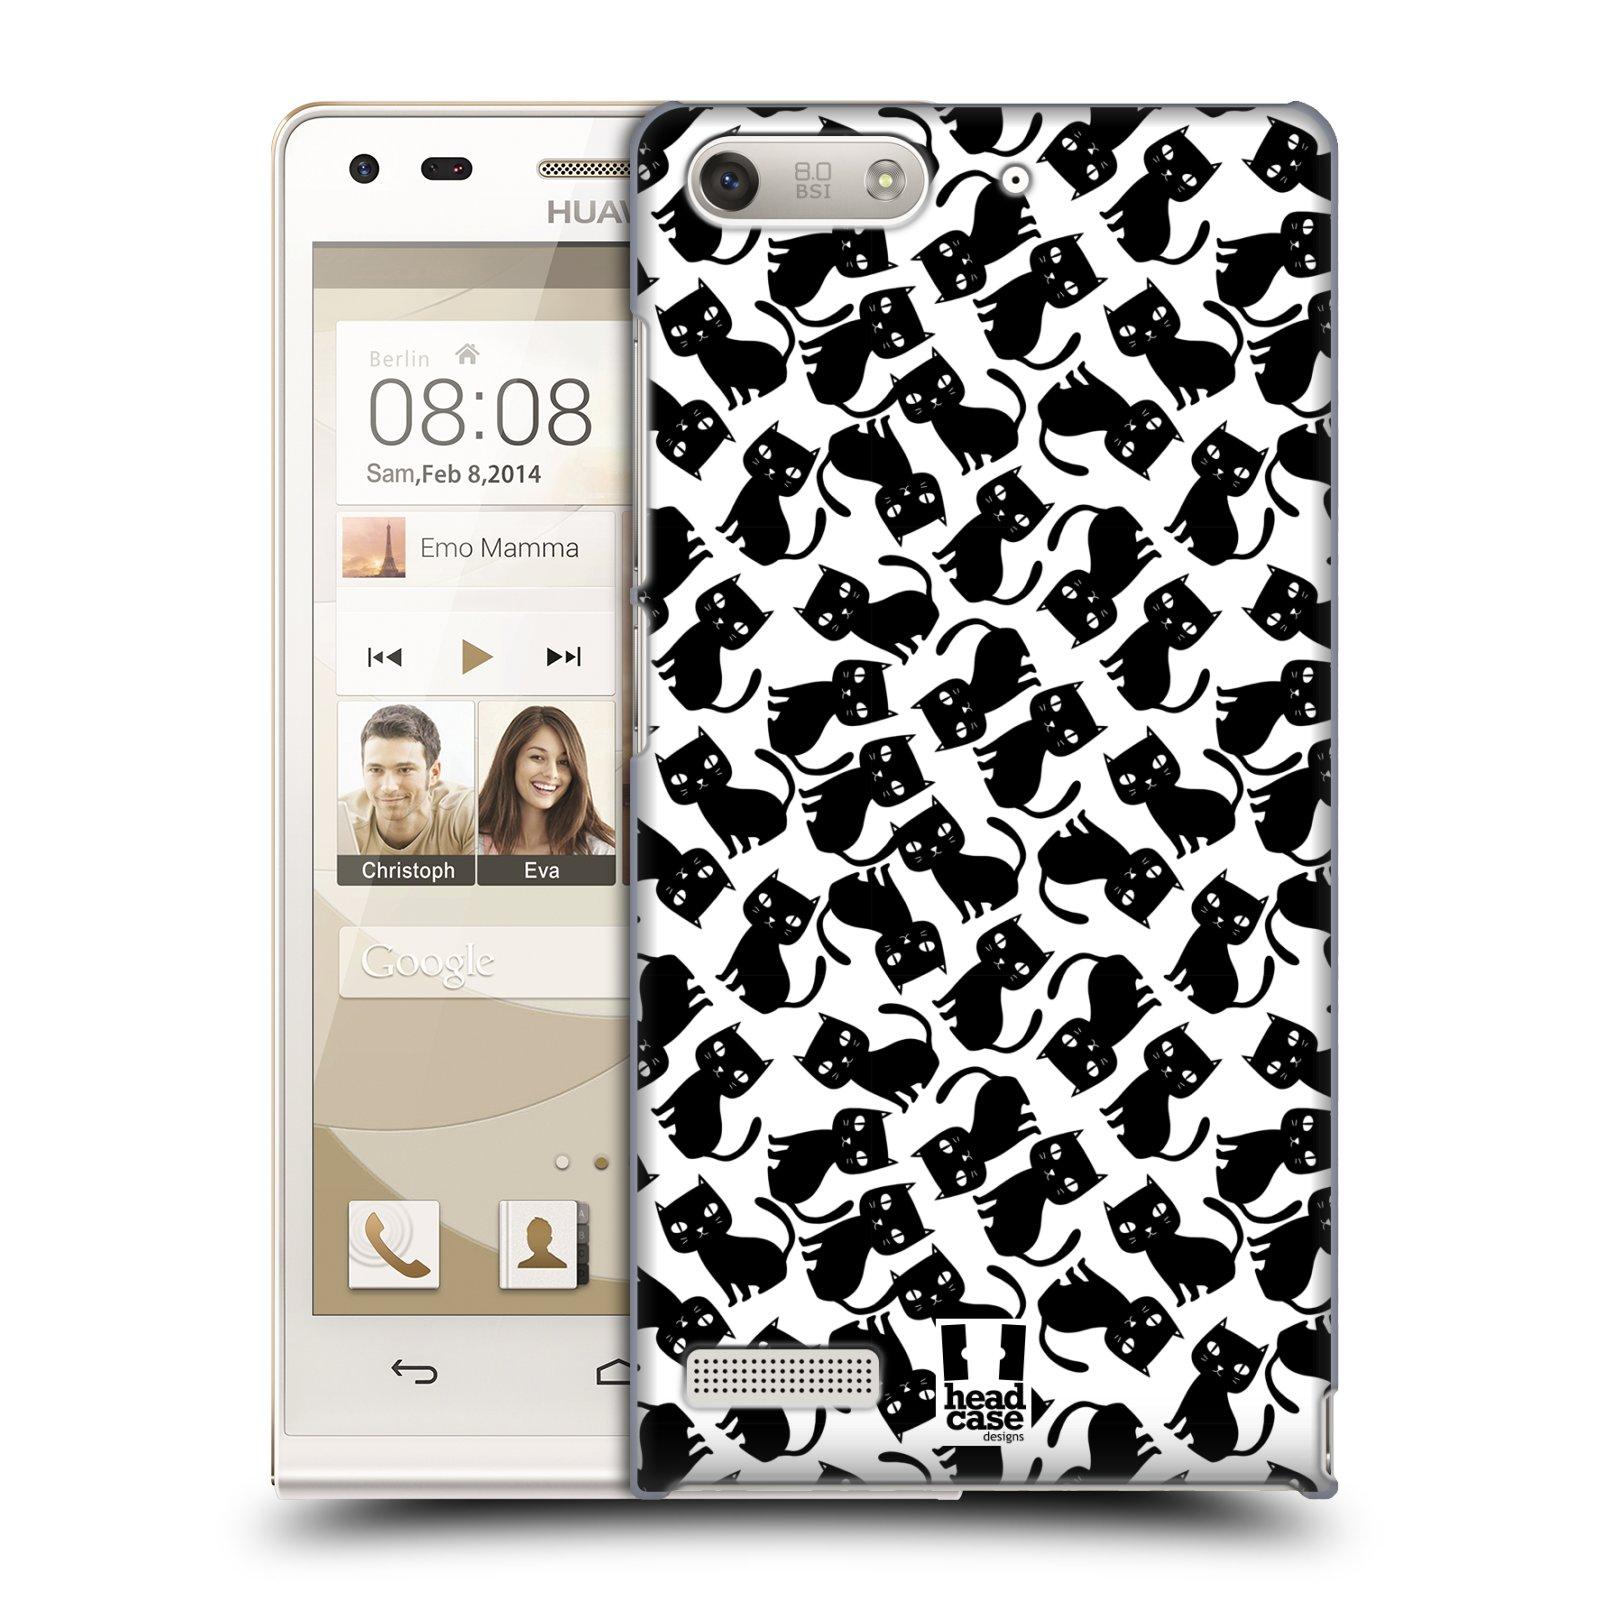 Plastové pouzdro na mobil Huawei Ascend G6 HEAD CASE KOČKY Black Pattern (Kryt či obal na mobilní telefon Huawei Ascend G6 bez LTE)